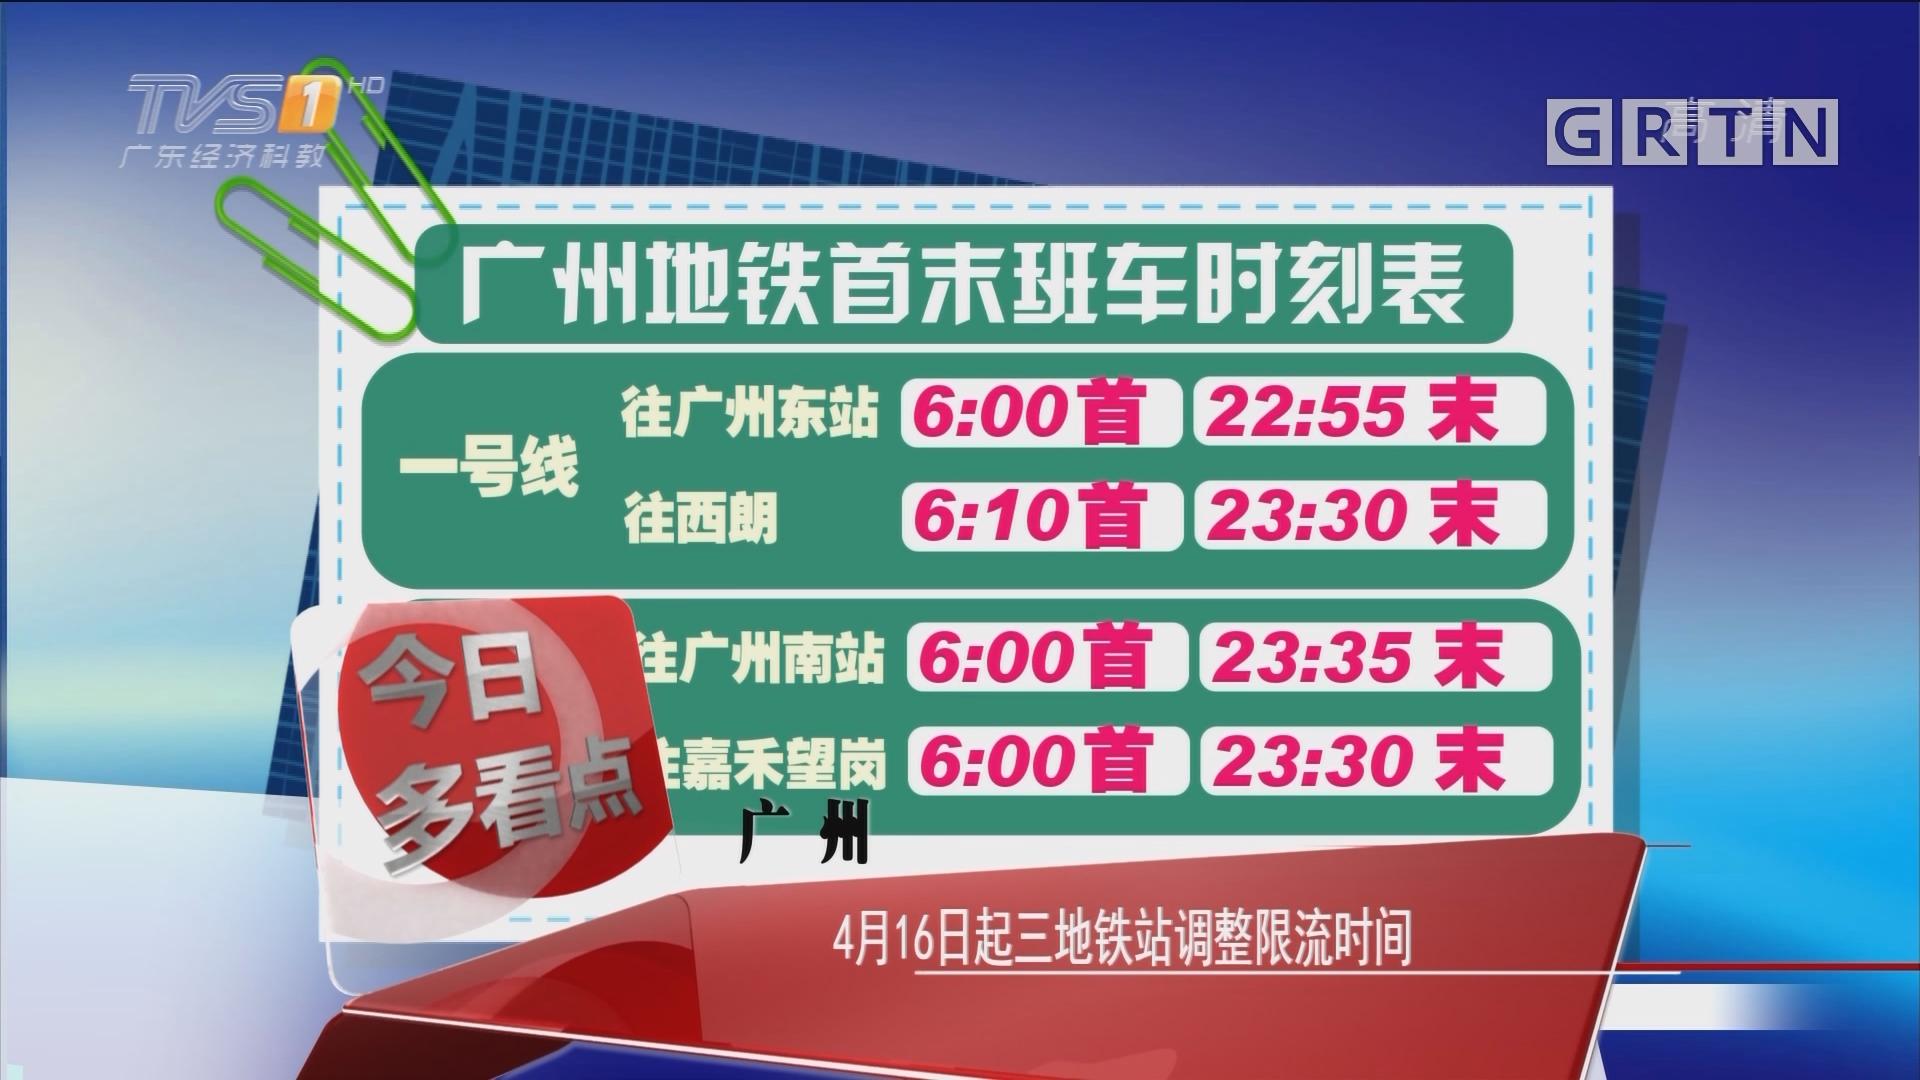 4月16日起三地铁站调整限流时间